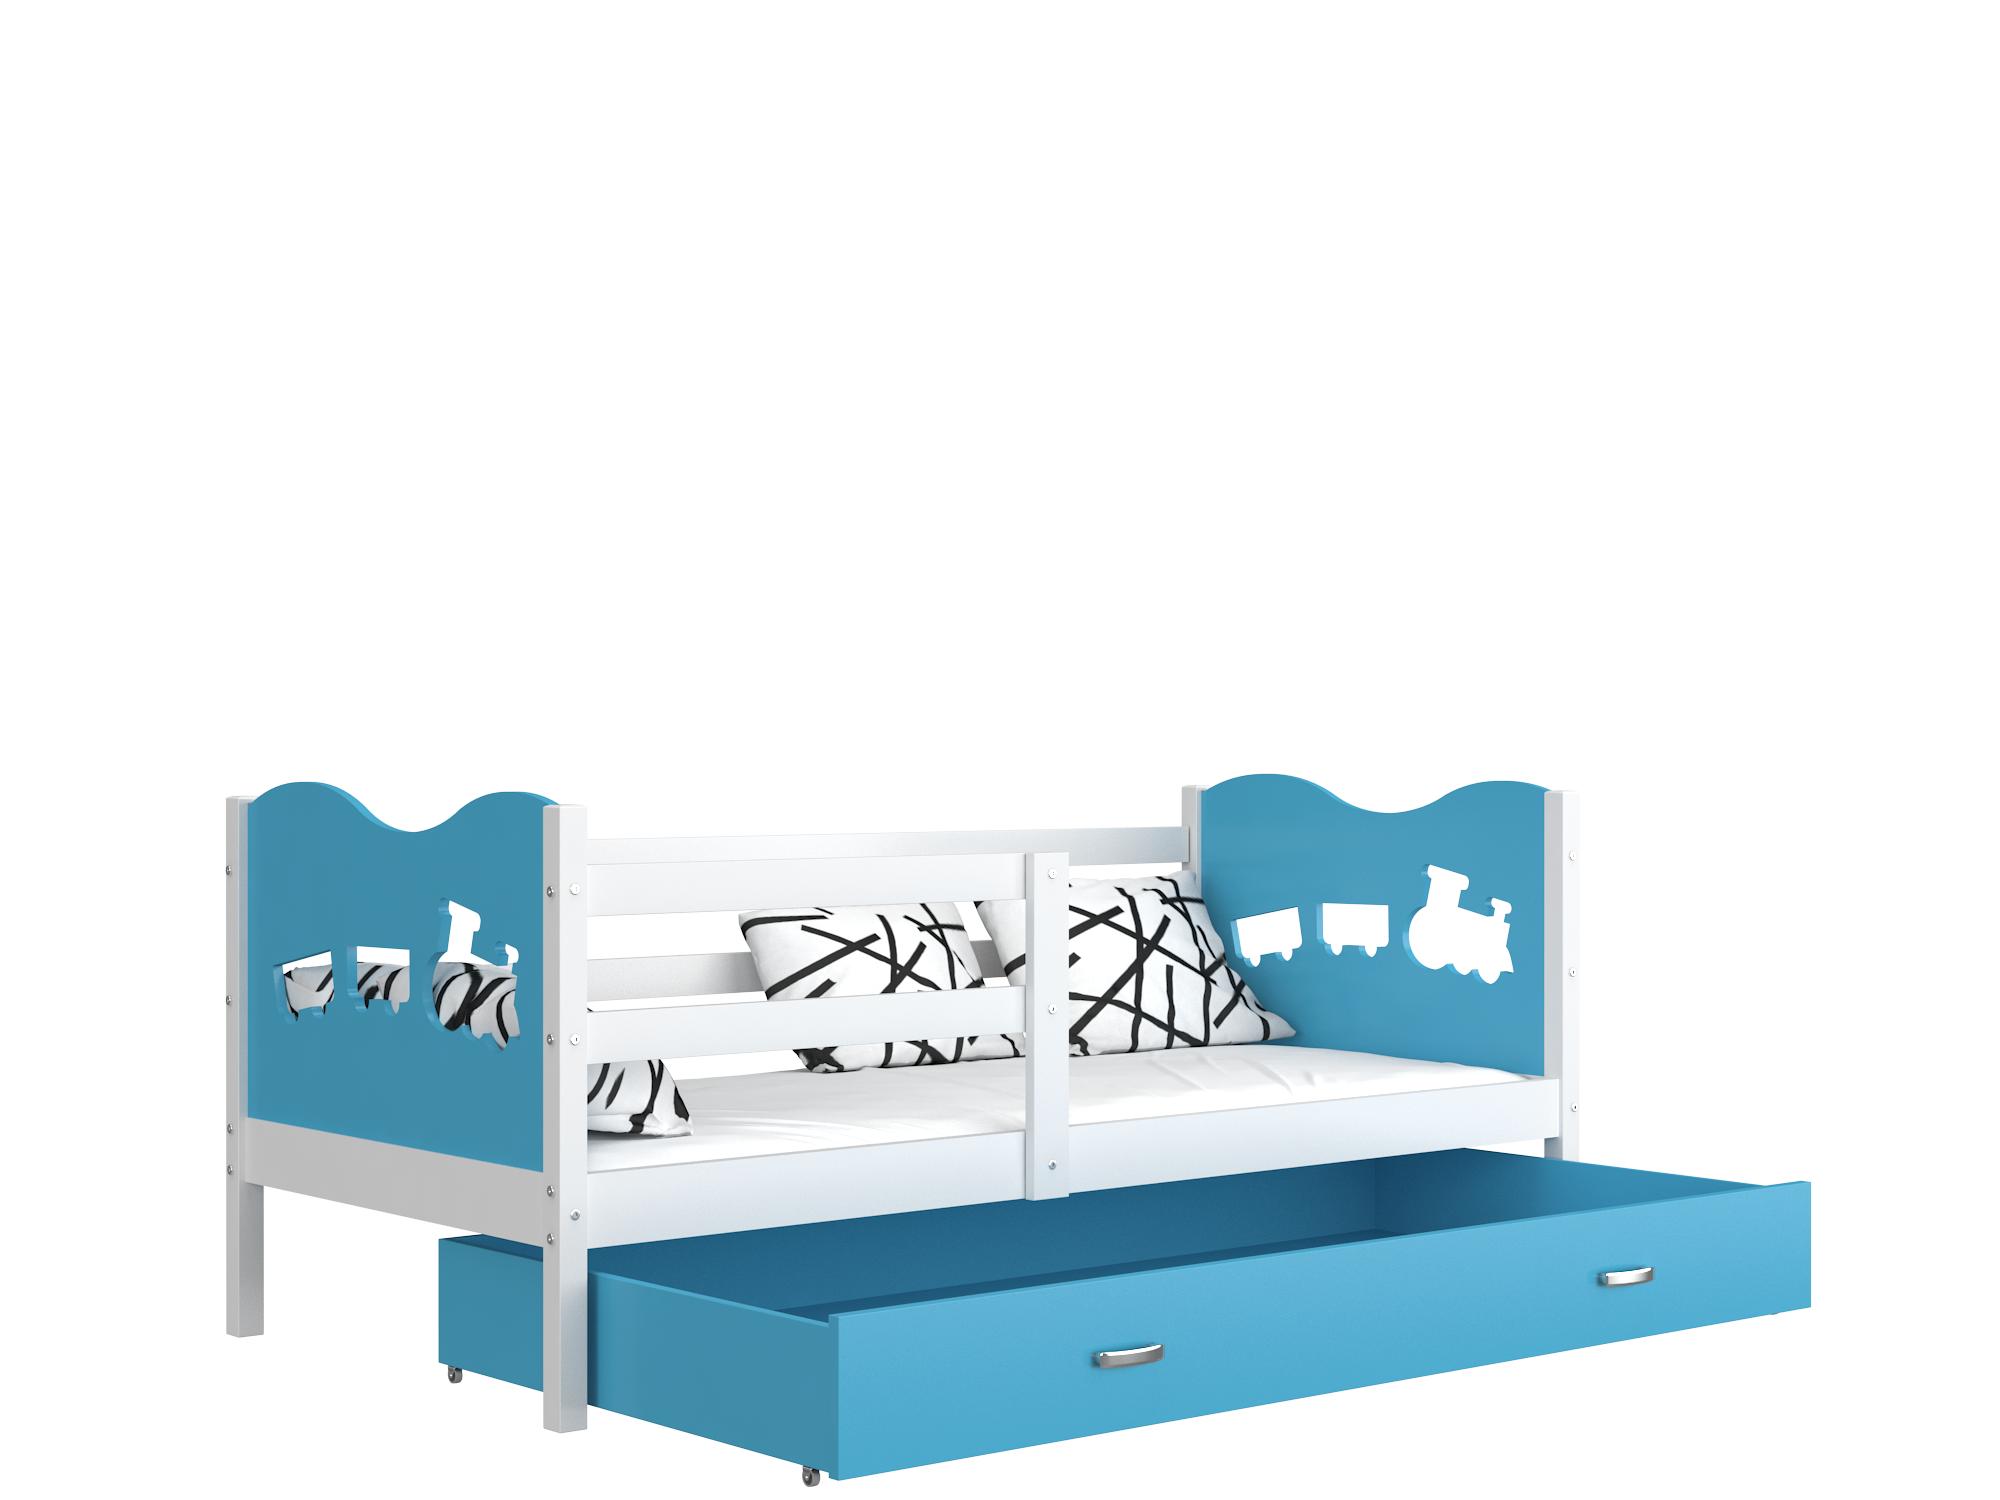 ArtAJ Detská posteľ Max P / MDF 190 x 80 cm Farba: biela / modrá 190 x 80 cm, Prevedenie: s matracom